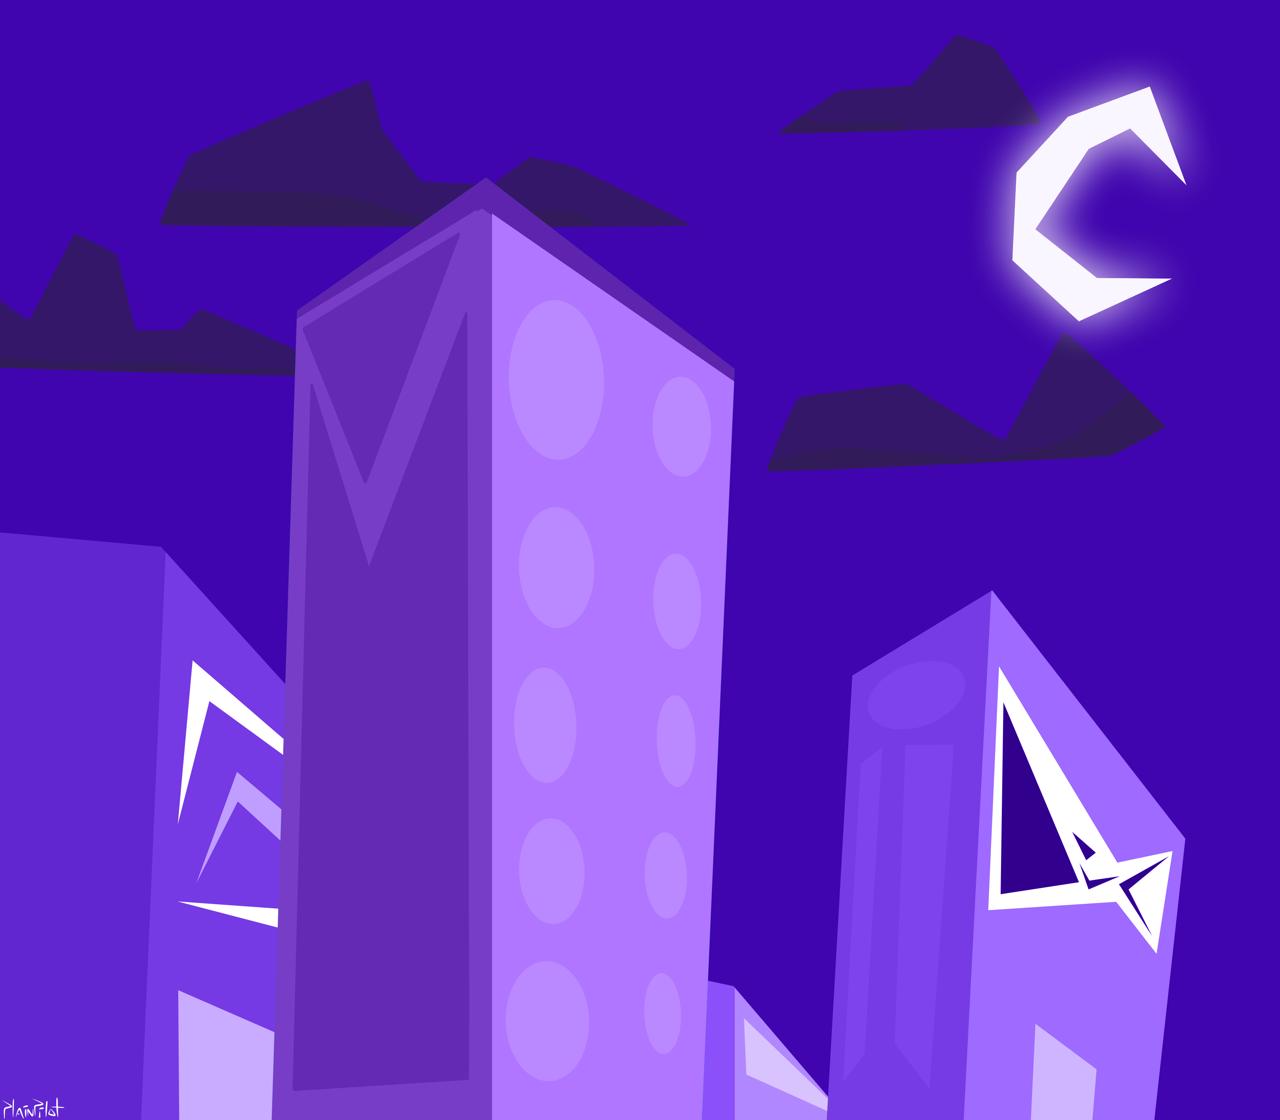 Night City by PlainPilot